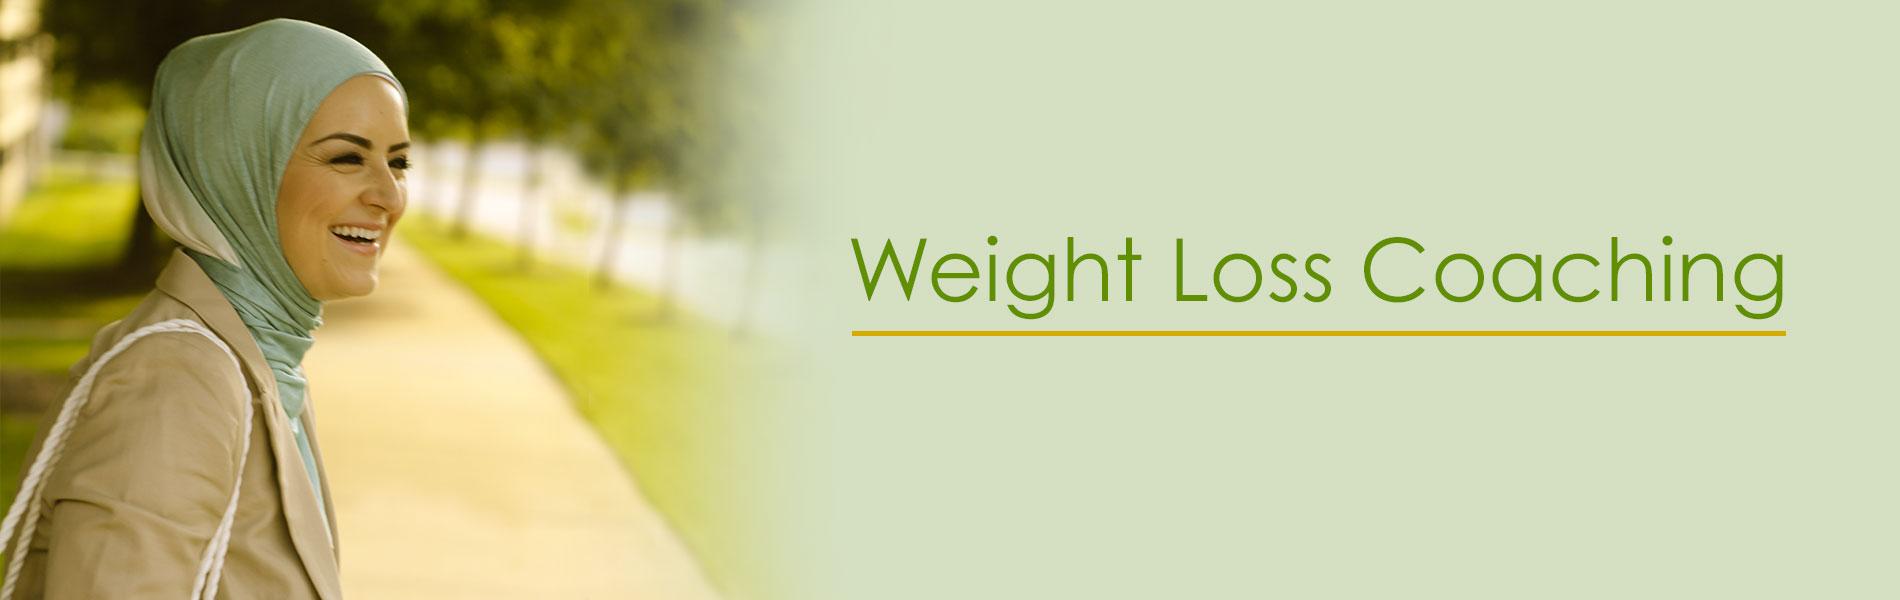 Weight Loss Coaching Nour